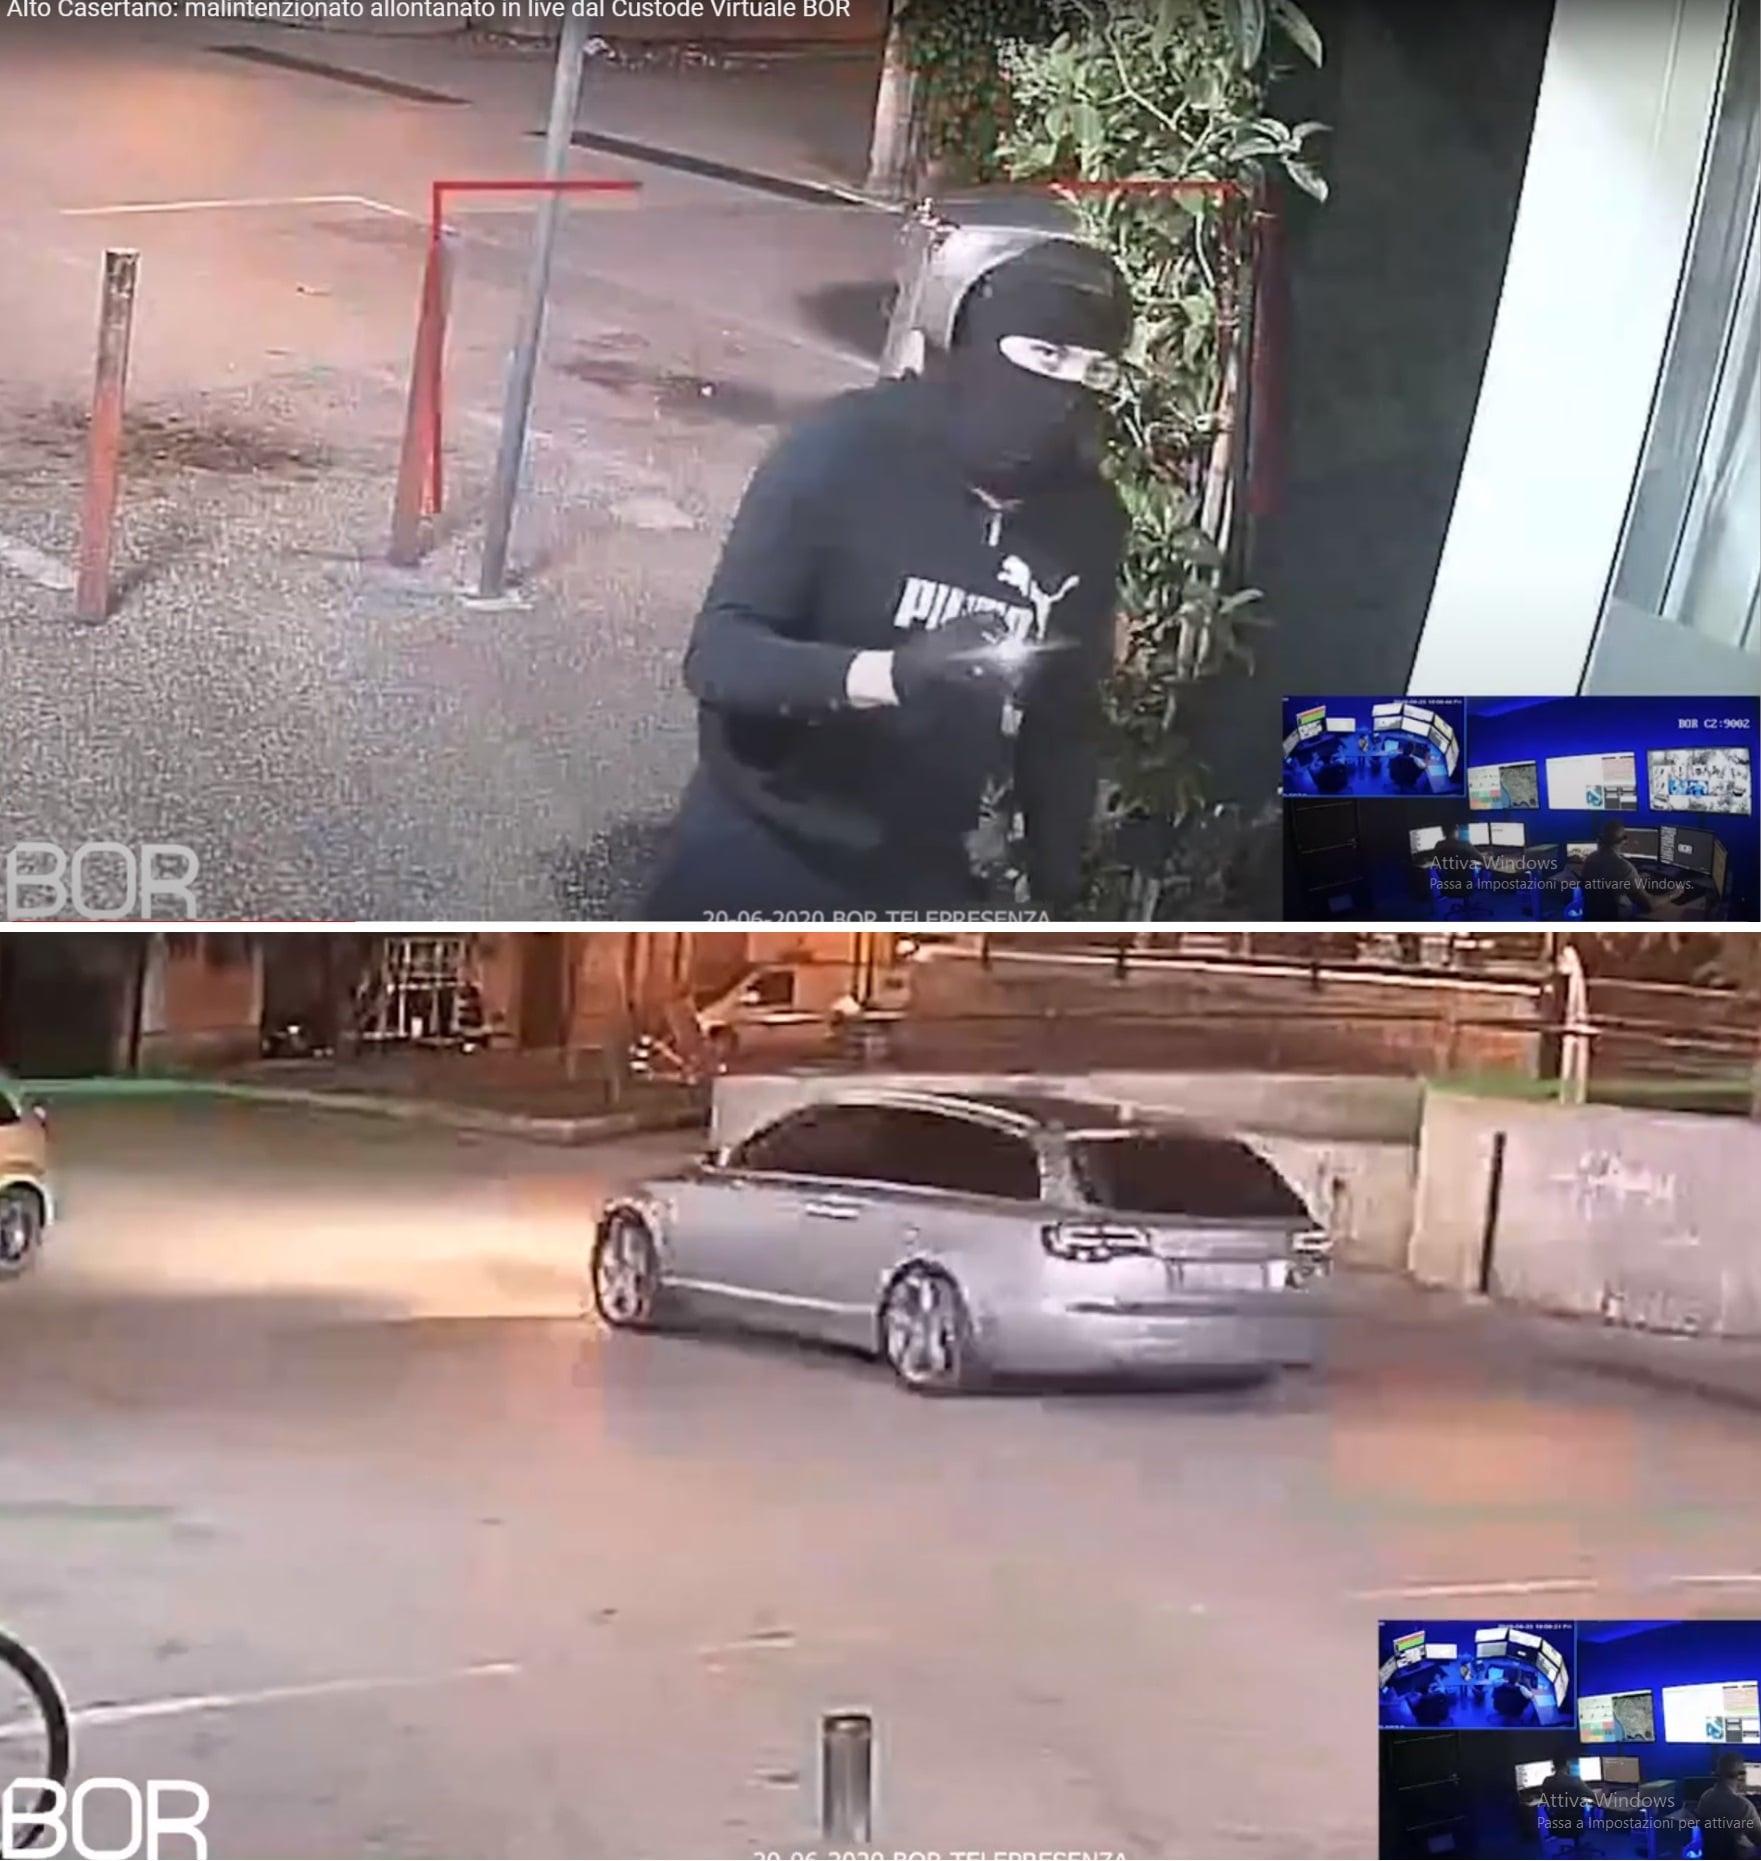 Come fanno i ladri a scegliere l'auto giusta per fare un furto?